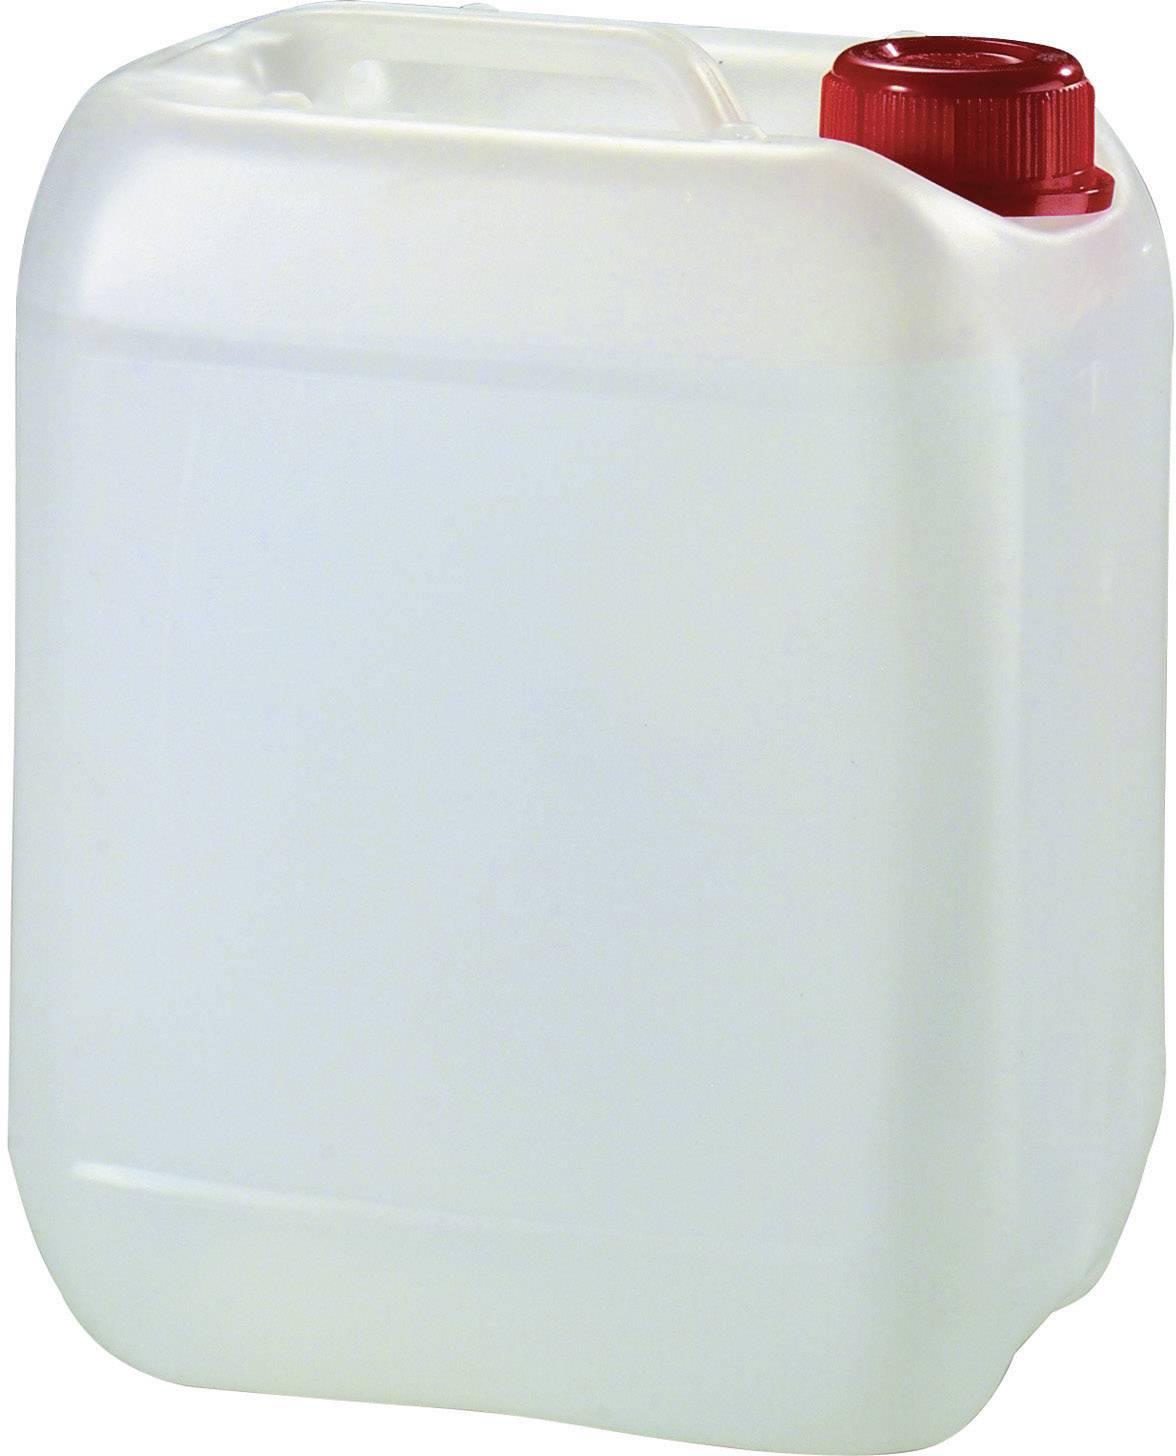 1 Liter Hohe Qualität Nebelflüssigkeit Für Nebelmaschine Flüssigkeit Nebel Party Veranstaltungs- & Dj-equipment Bühnenbeleuchtung & -effekte